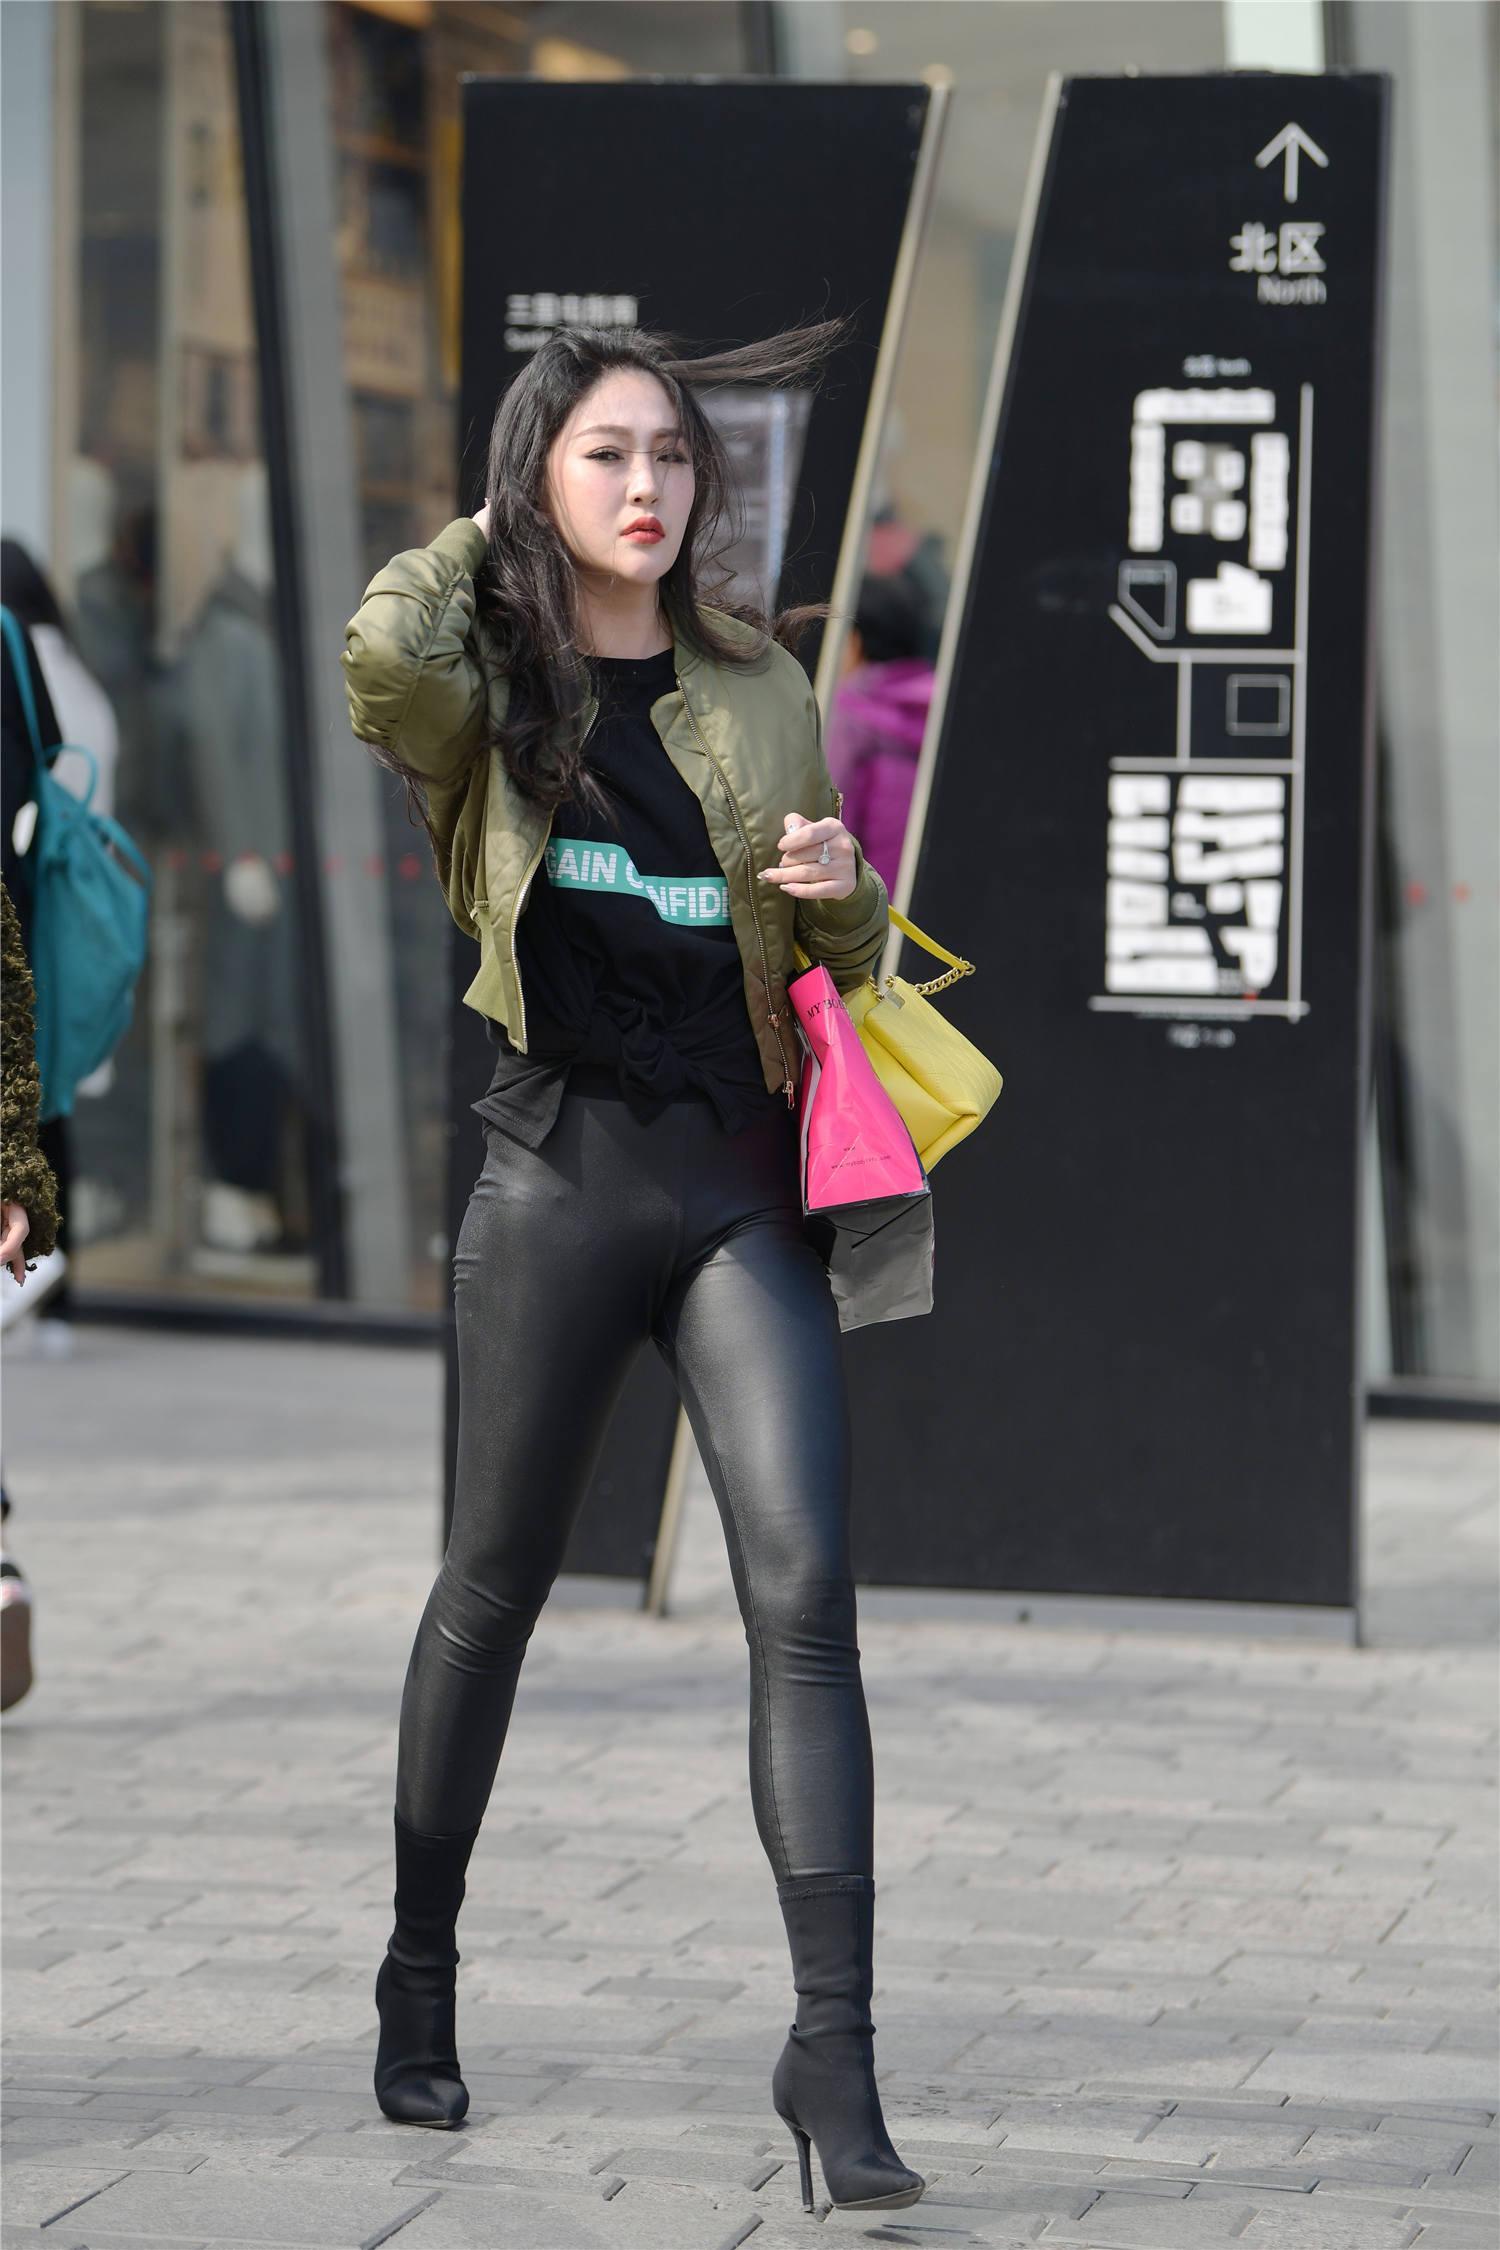 春季的高跟短靴,选择粗跟还是细跟款式,高度要多高更好看?